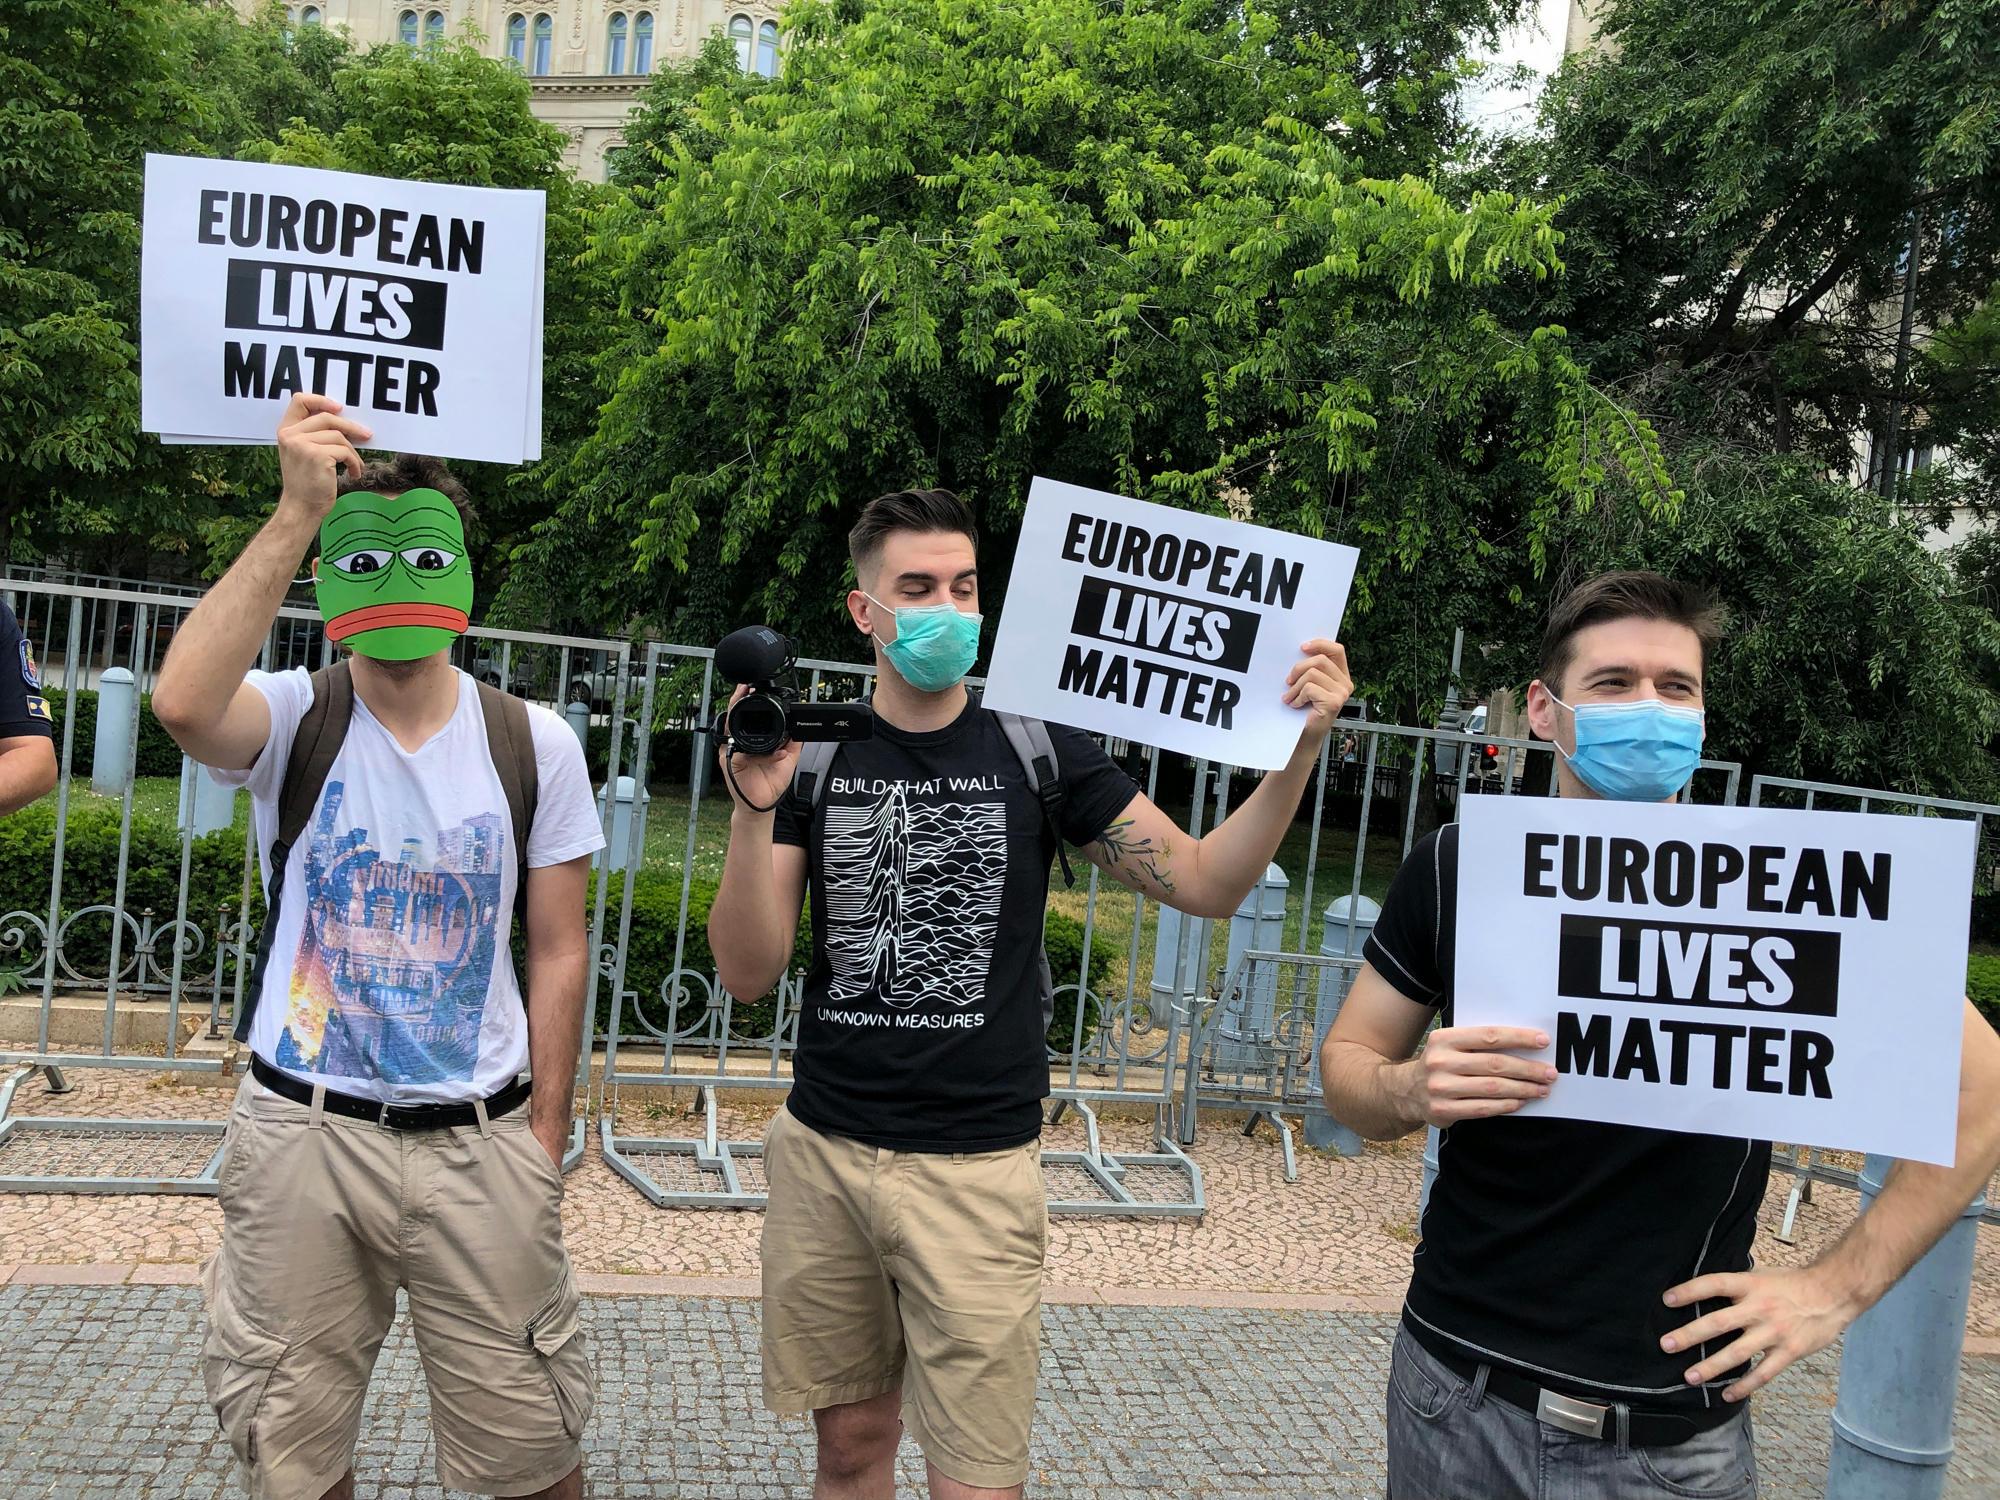 budapesti tuntetes black lives matter george floyd identitas generacioi